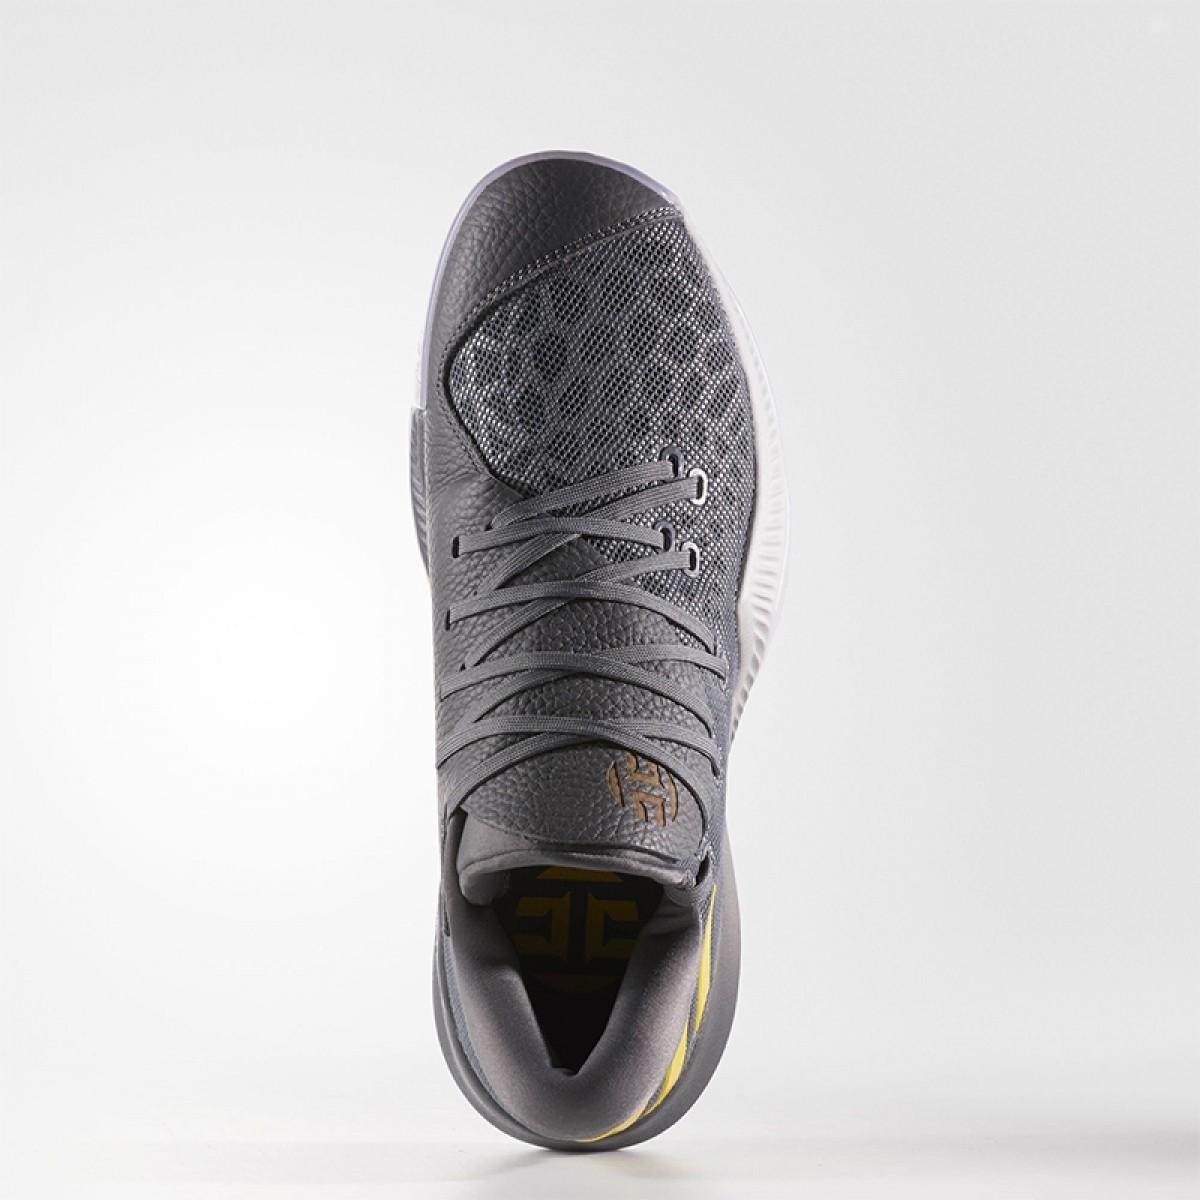 Adidas Harden B/E 'Grey' CG4191